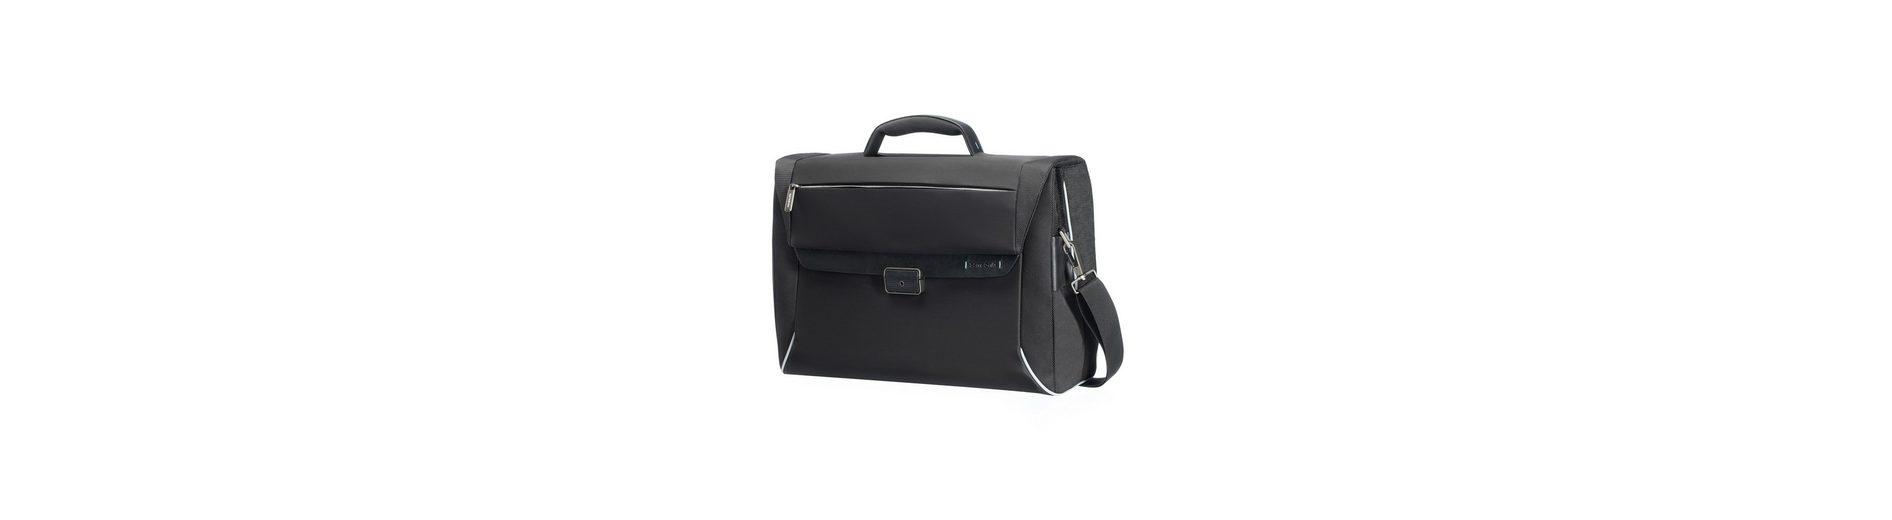 Samsonite Businesstasche mit 16-Zoll Laptop- und Tabletfach, abschließbar »Spectrolite«